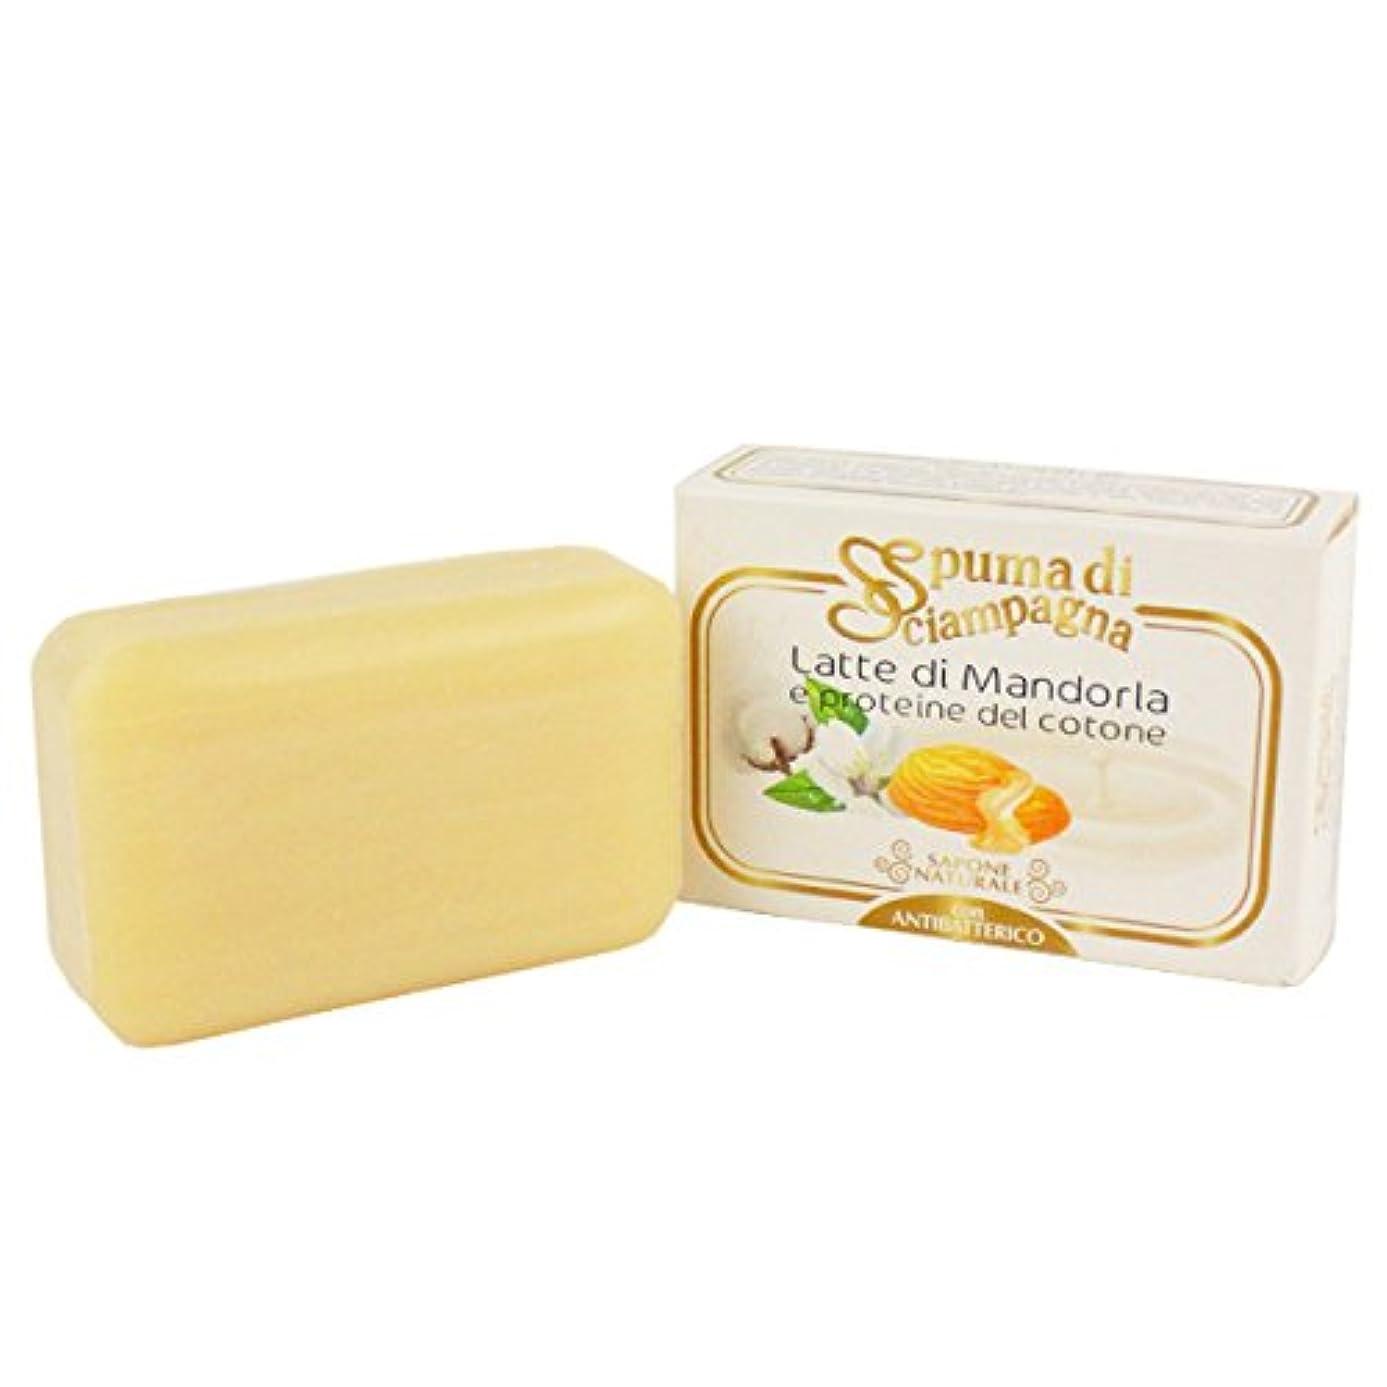 遺棄された社会科花火Spuma di Sciampagna (スプーマ ディ シャンパーニャ) ナチュラルソープ 化粧石けん 145g アーモンドの香り